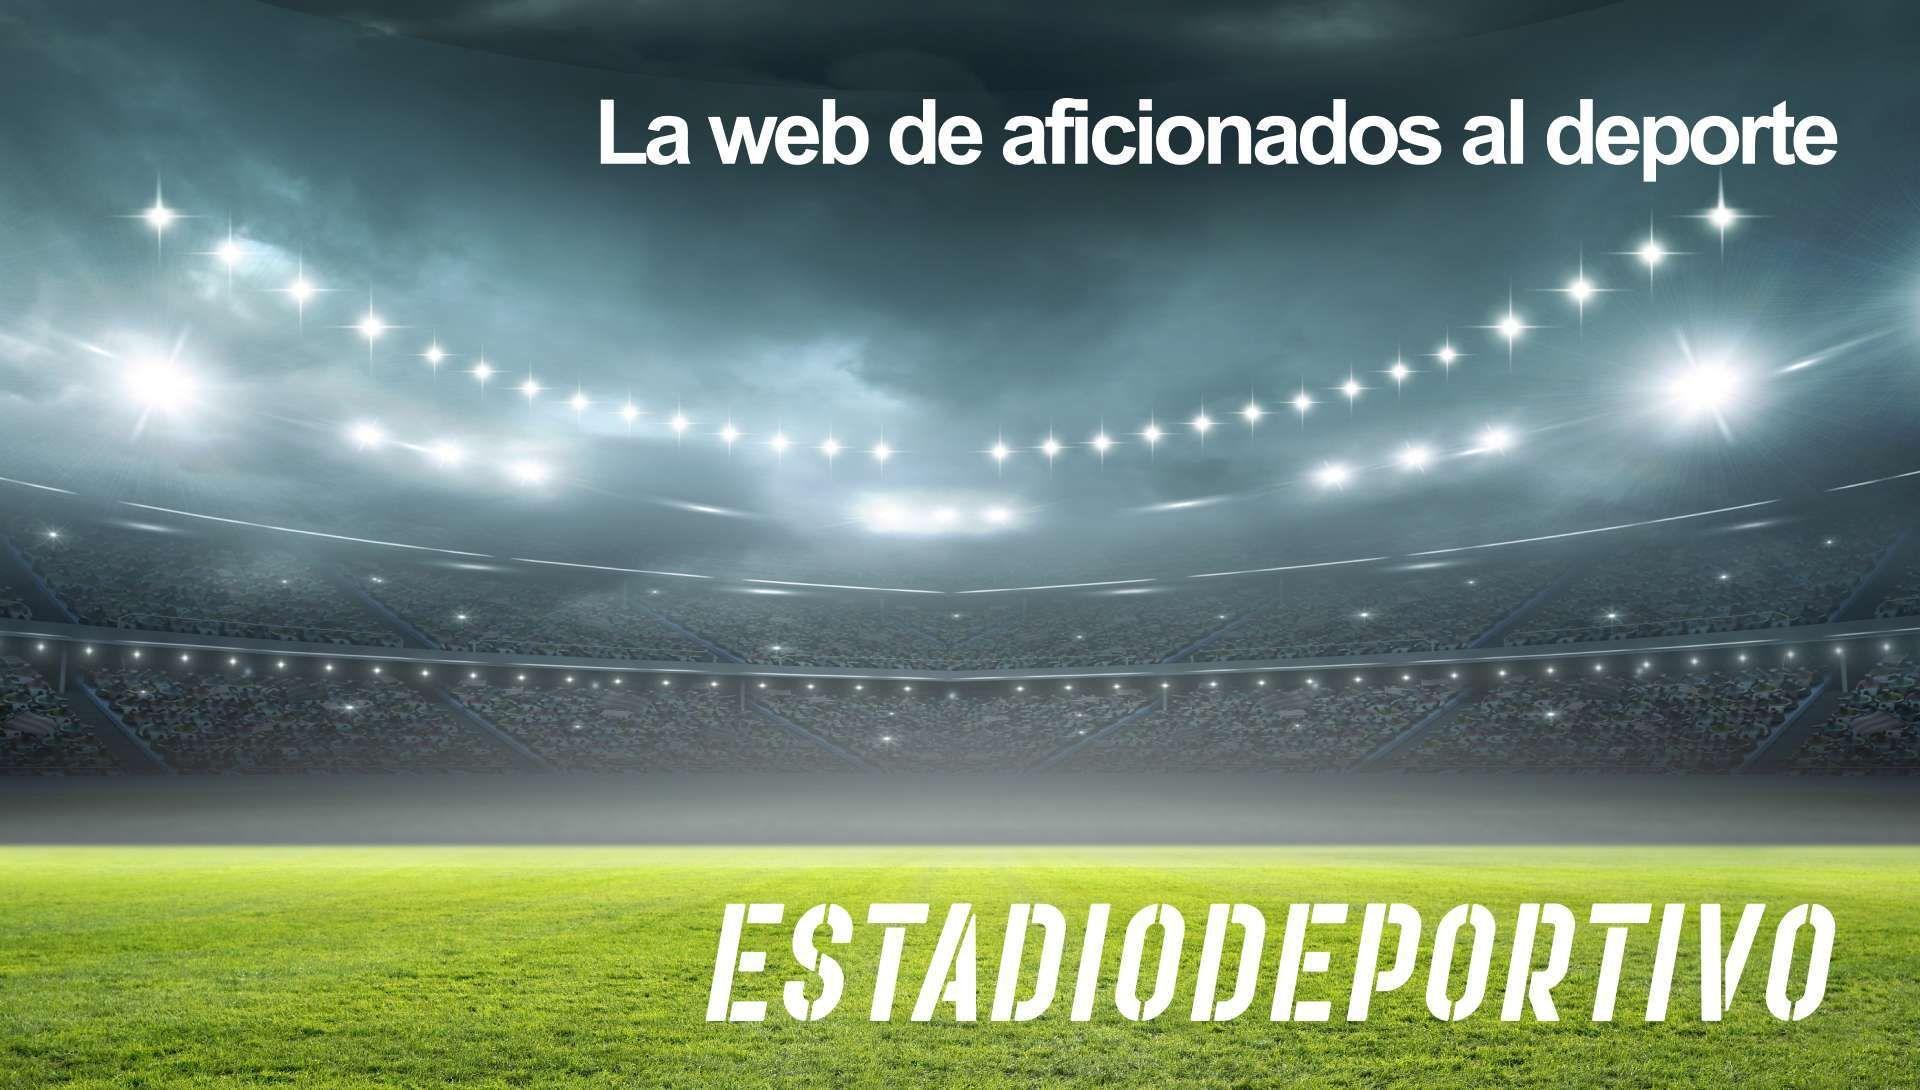 Las portadas deportivas del lunes 5 de julio